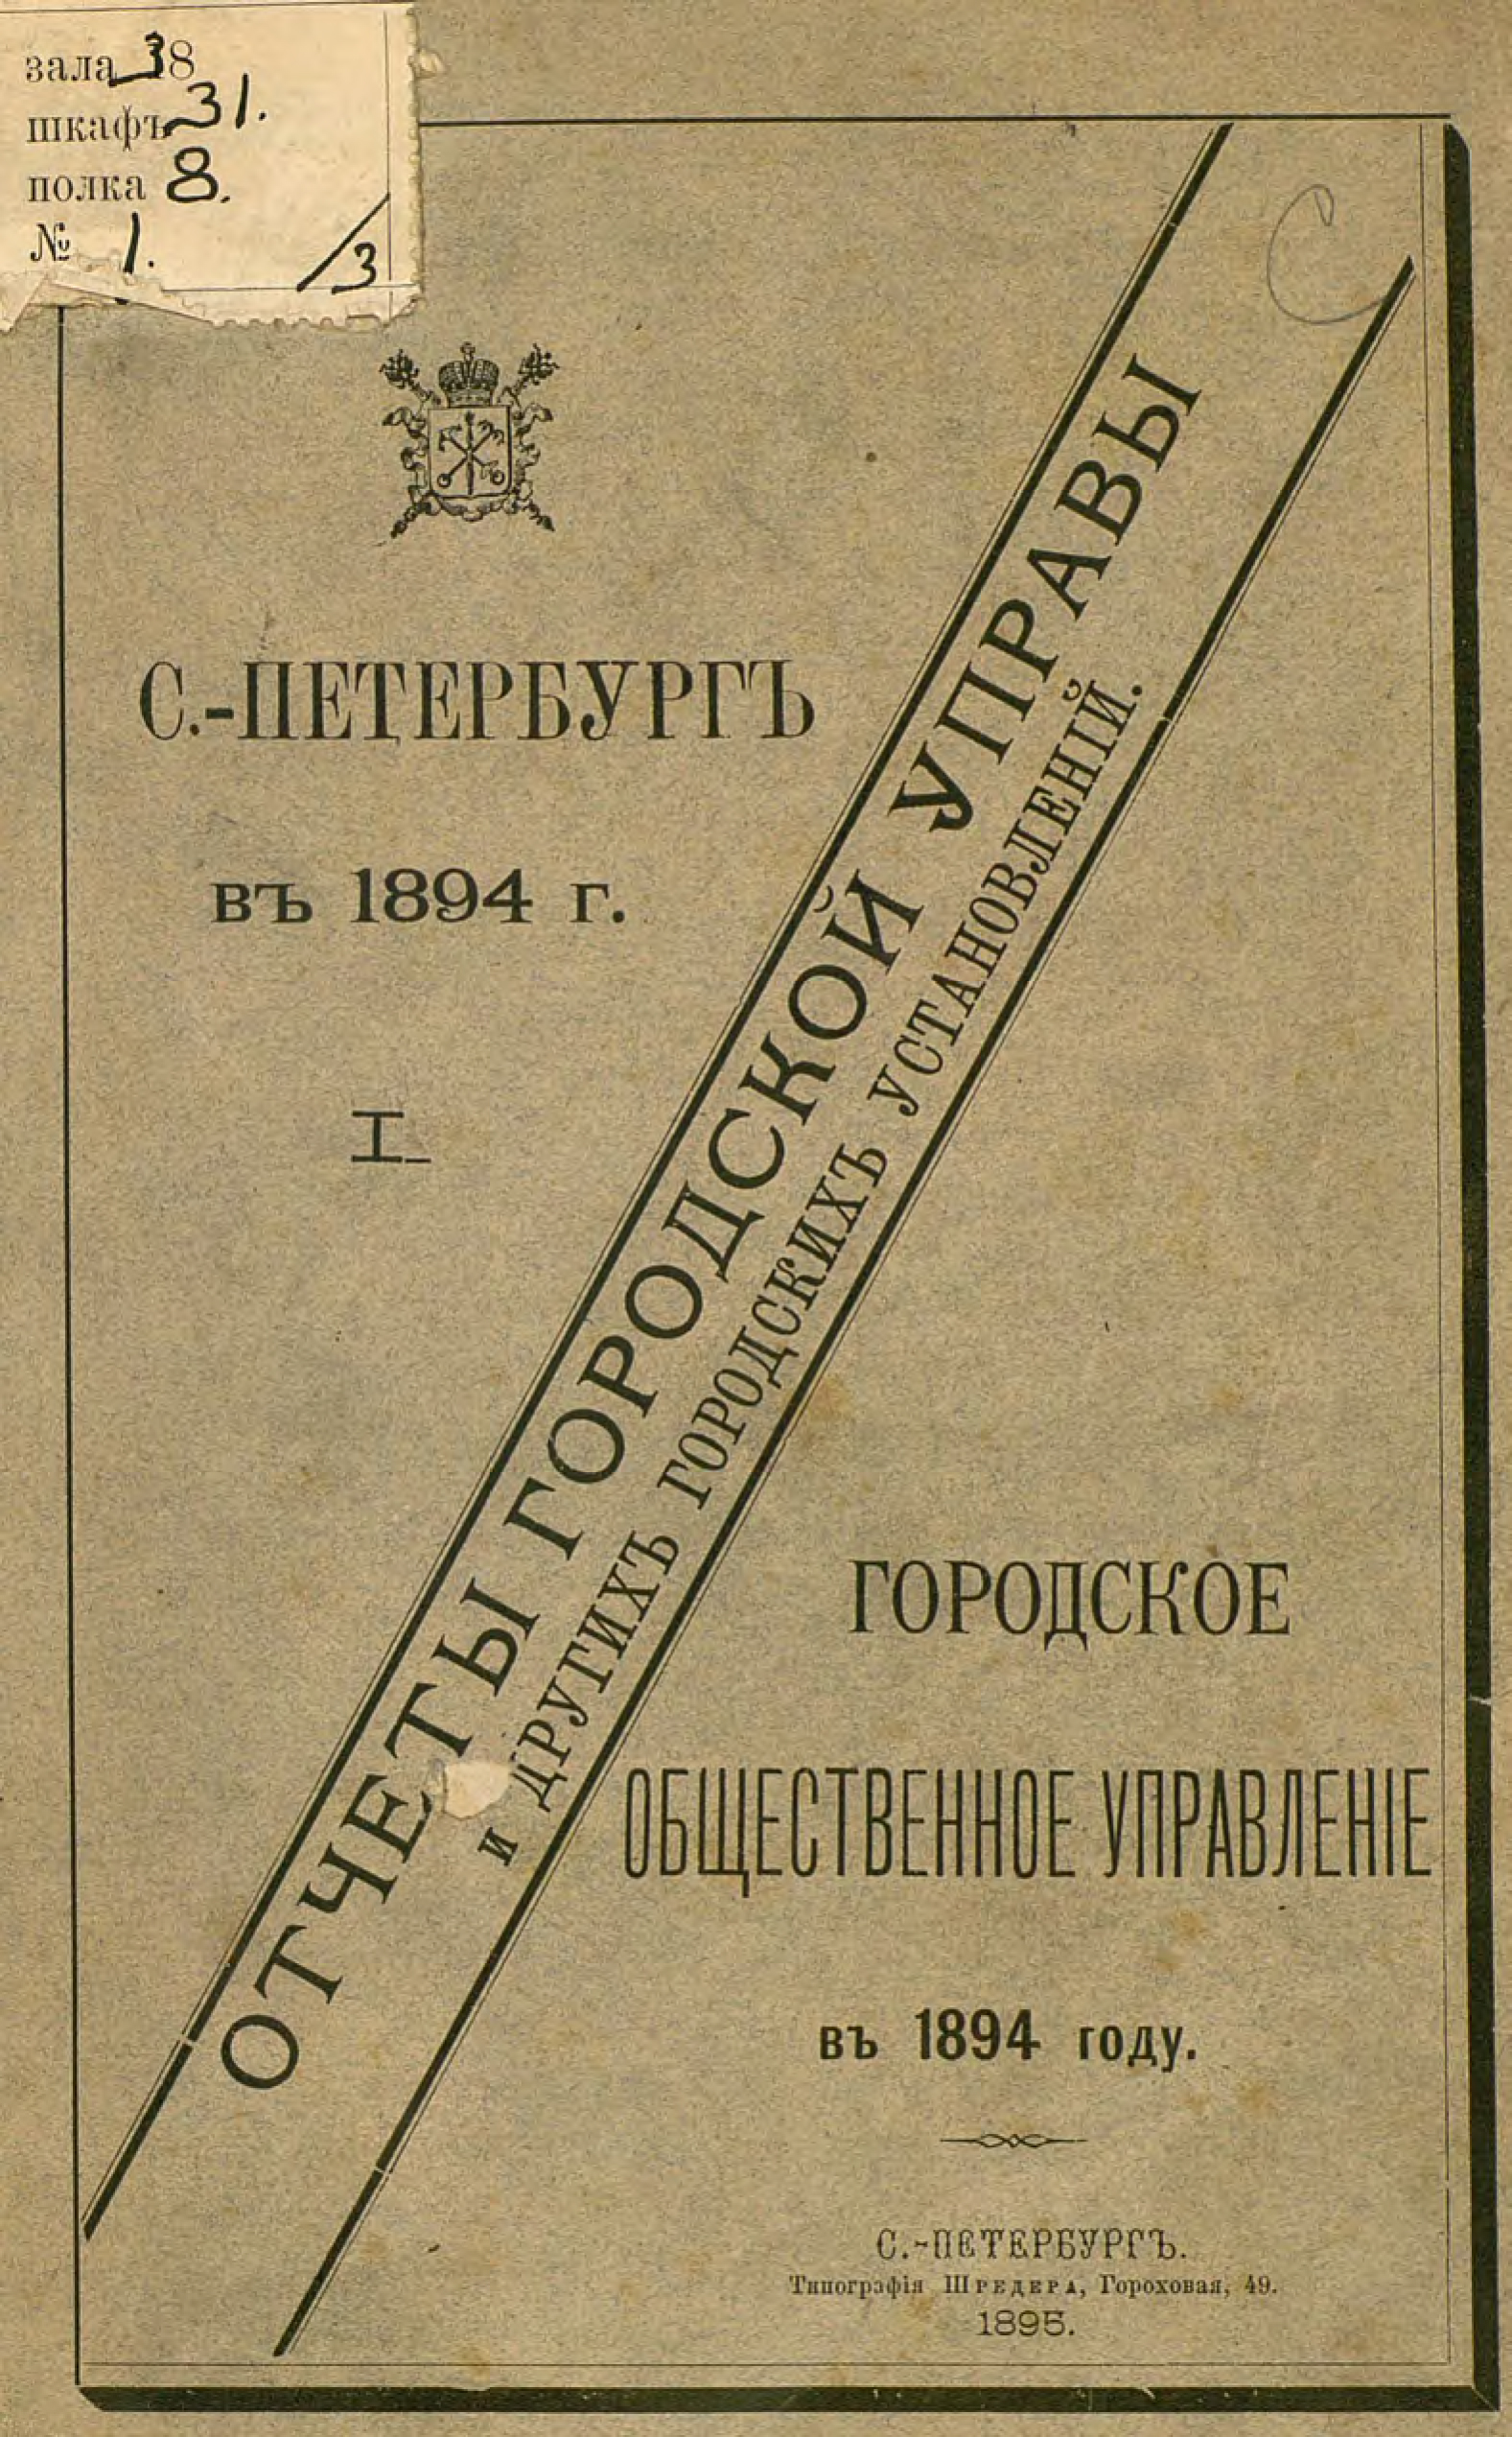 Коллектив авторов Отчет городской управы за 1894 г. Часть 1 коллектив авторов нева и ниеншанц часть 1